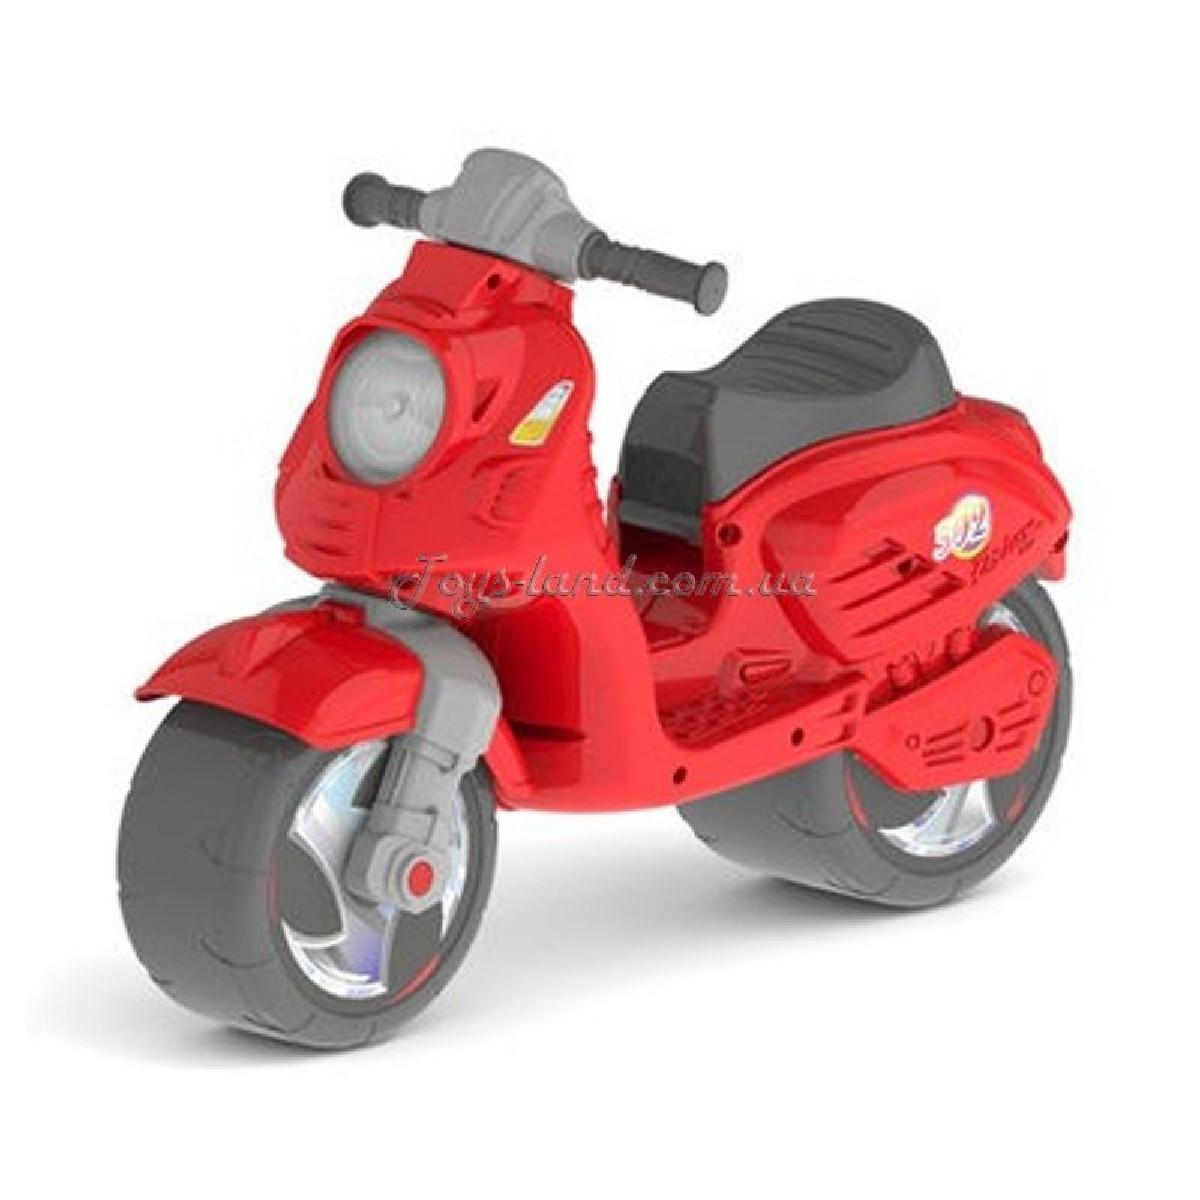 Скутер червоний, арт. 502Черв, Оріон